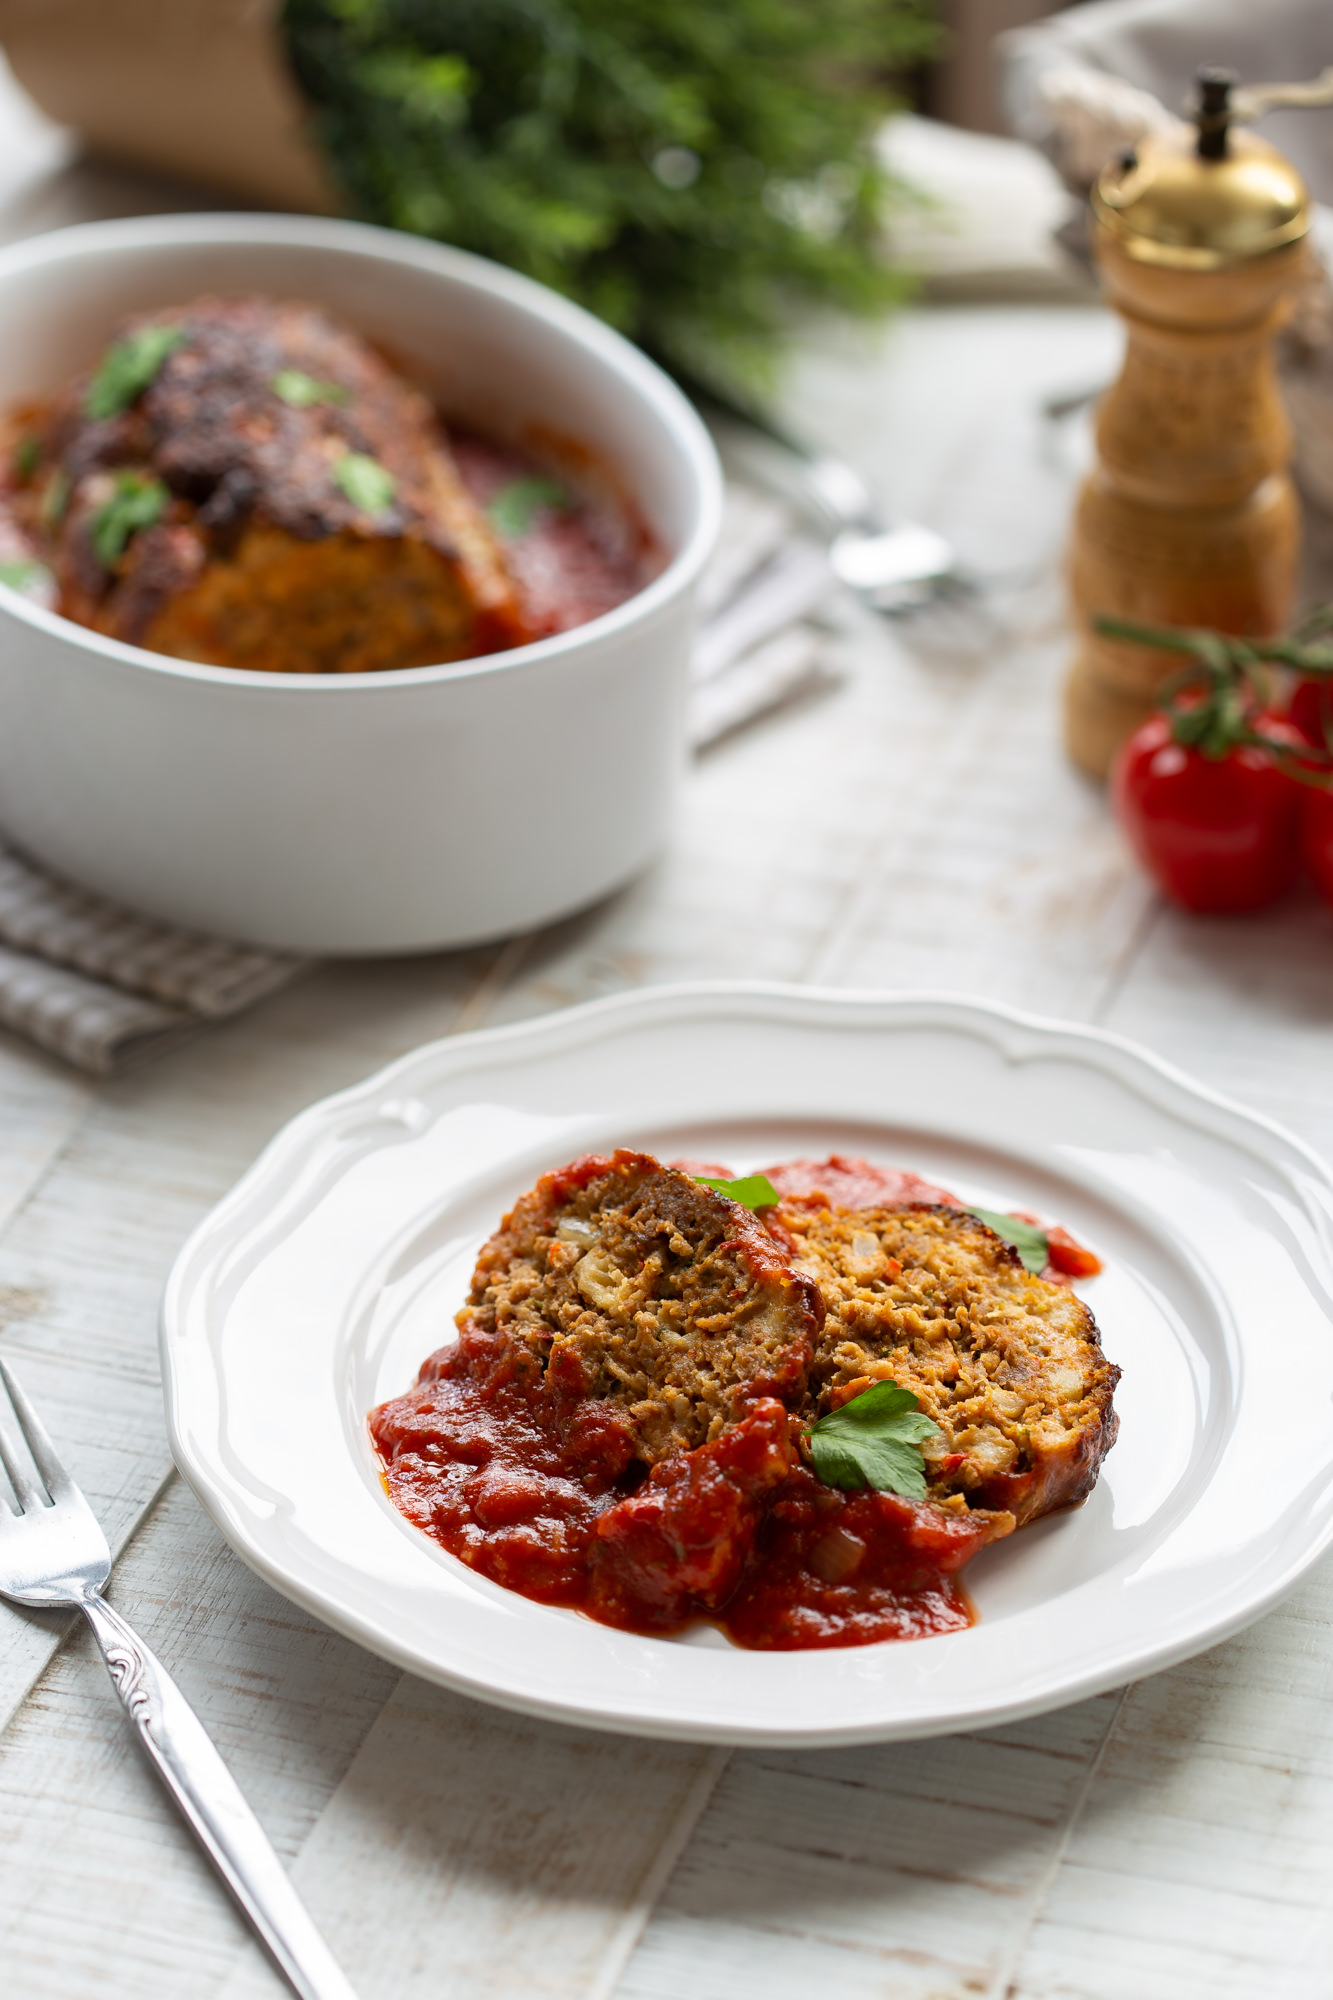 Talijanska mesa štruca pecena u salsa umaku